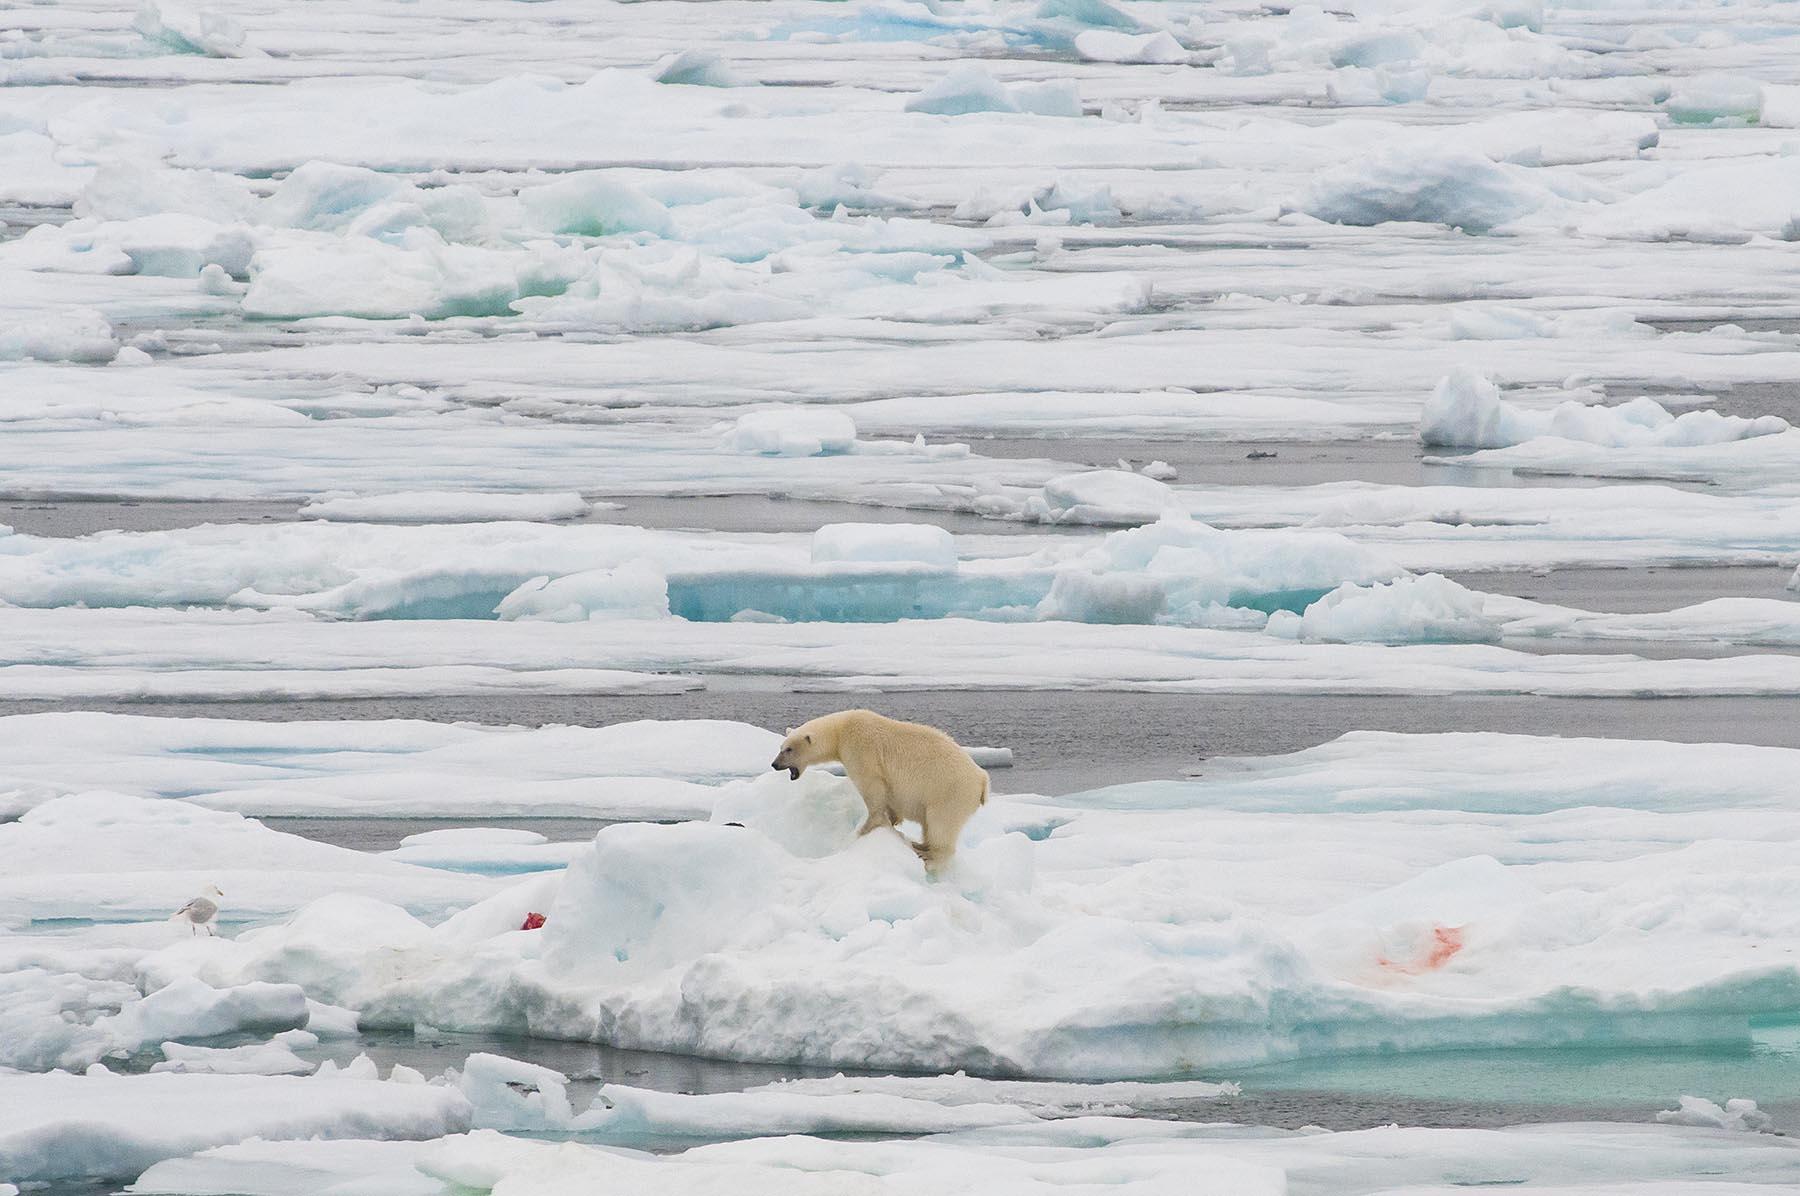 Kolumne über die Arktis